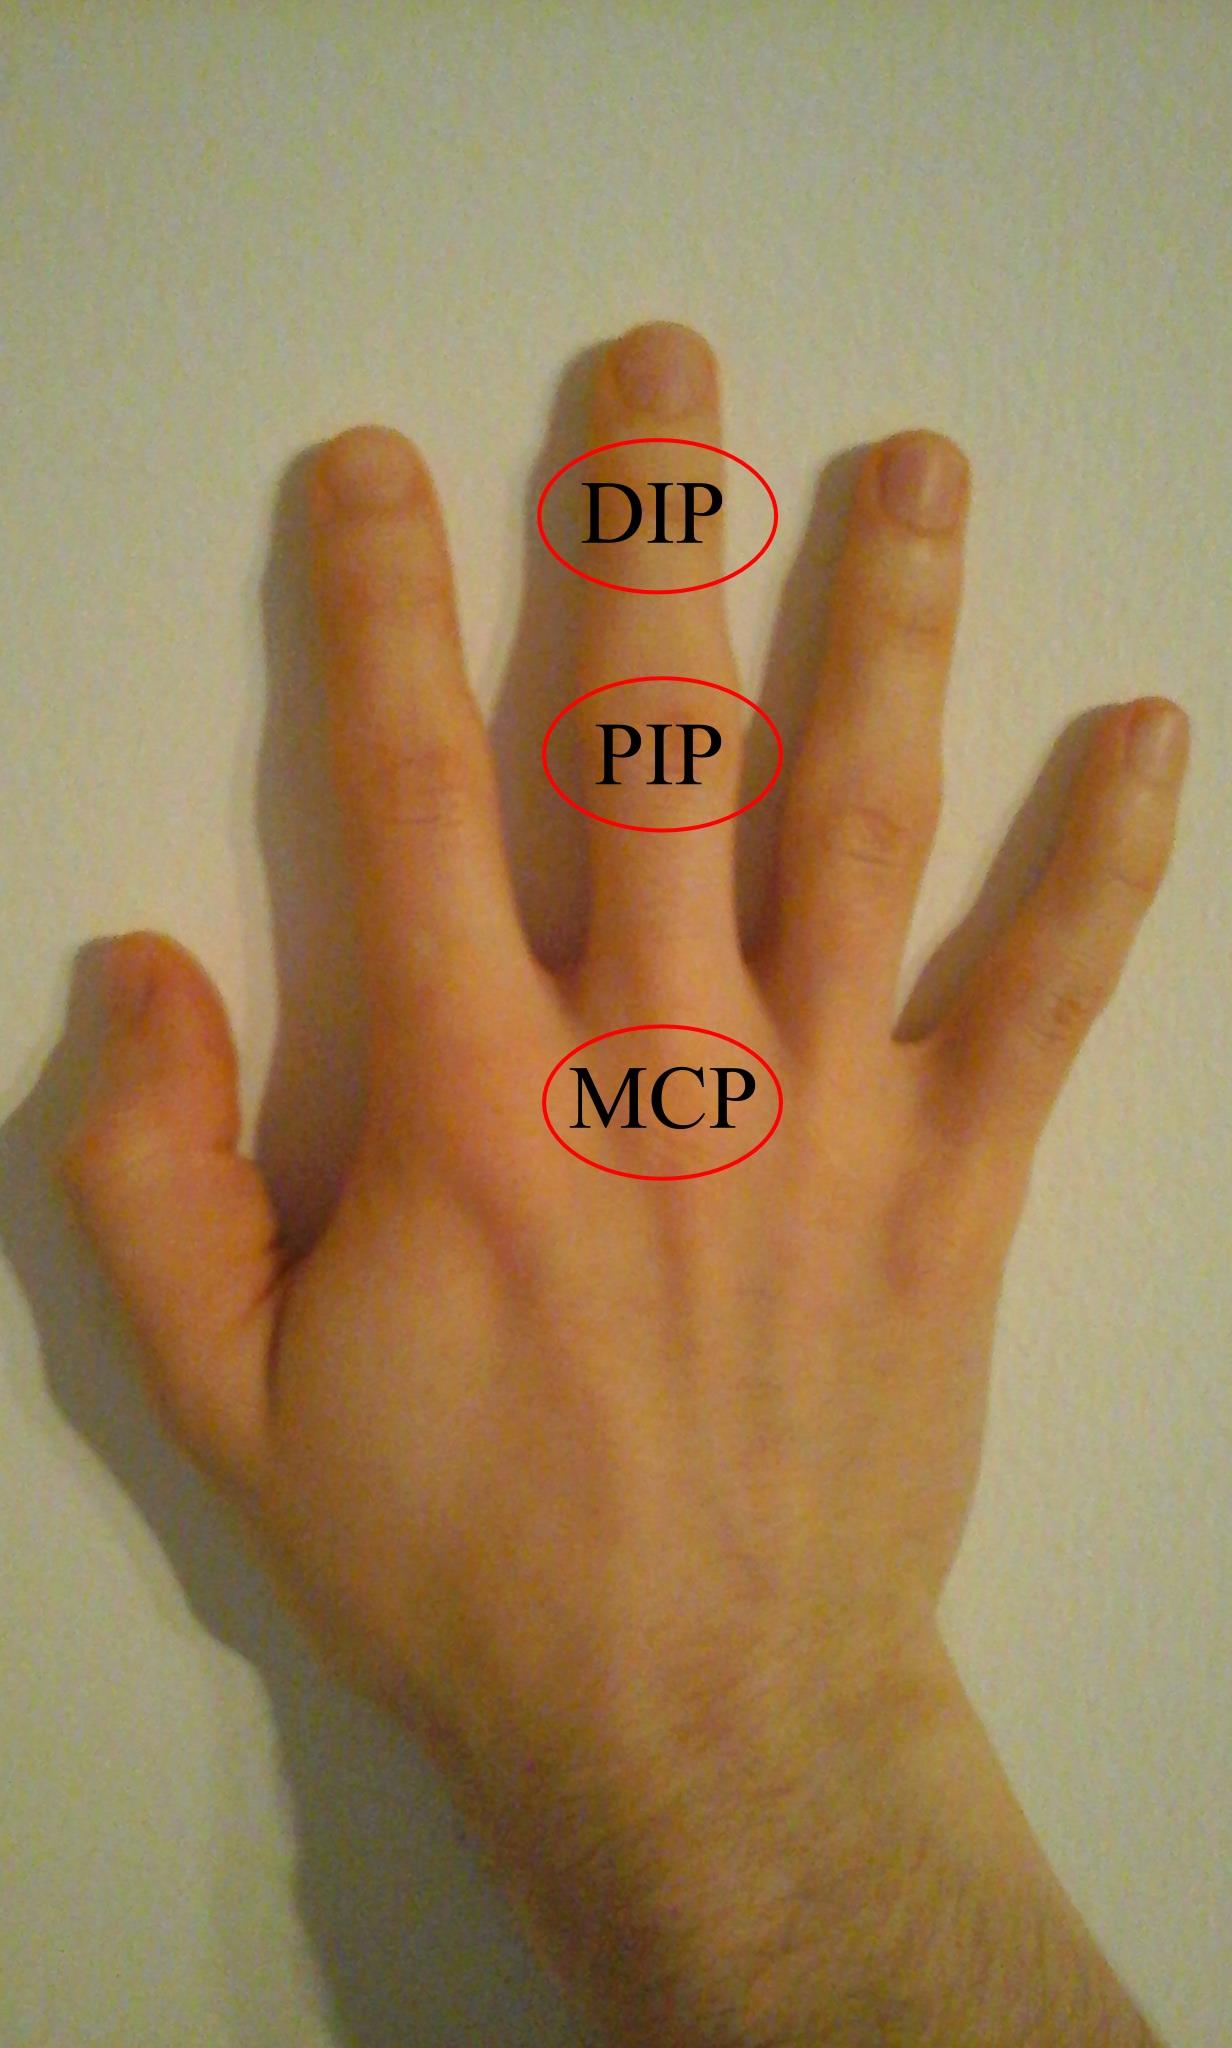 hogyan lehet helyreállítani az ujjak ízületeinek ízületi gyulladását)